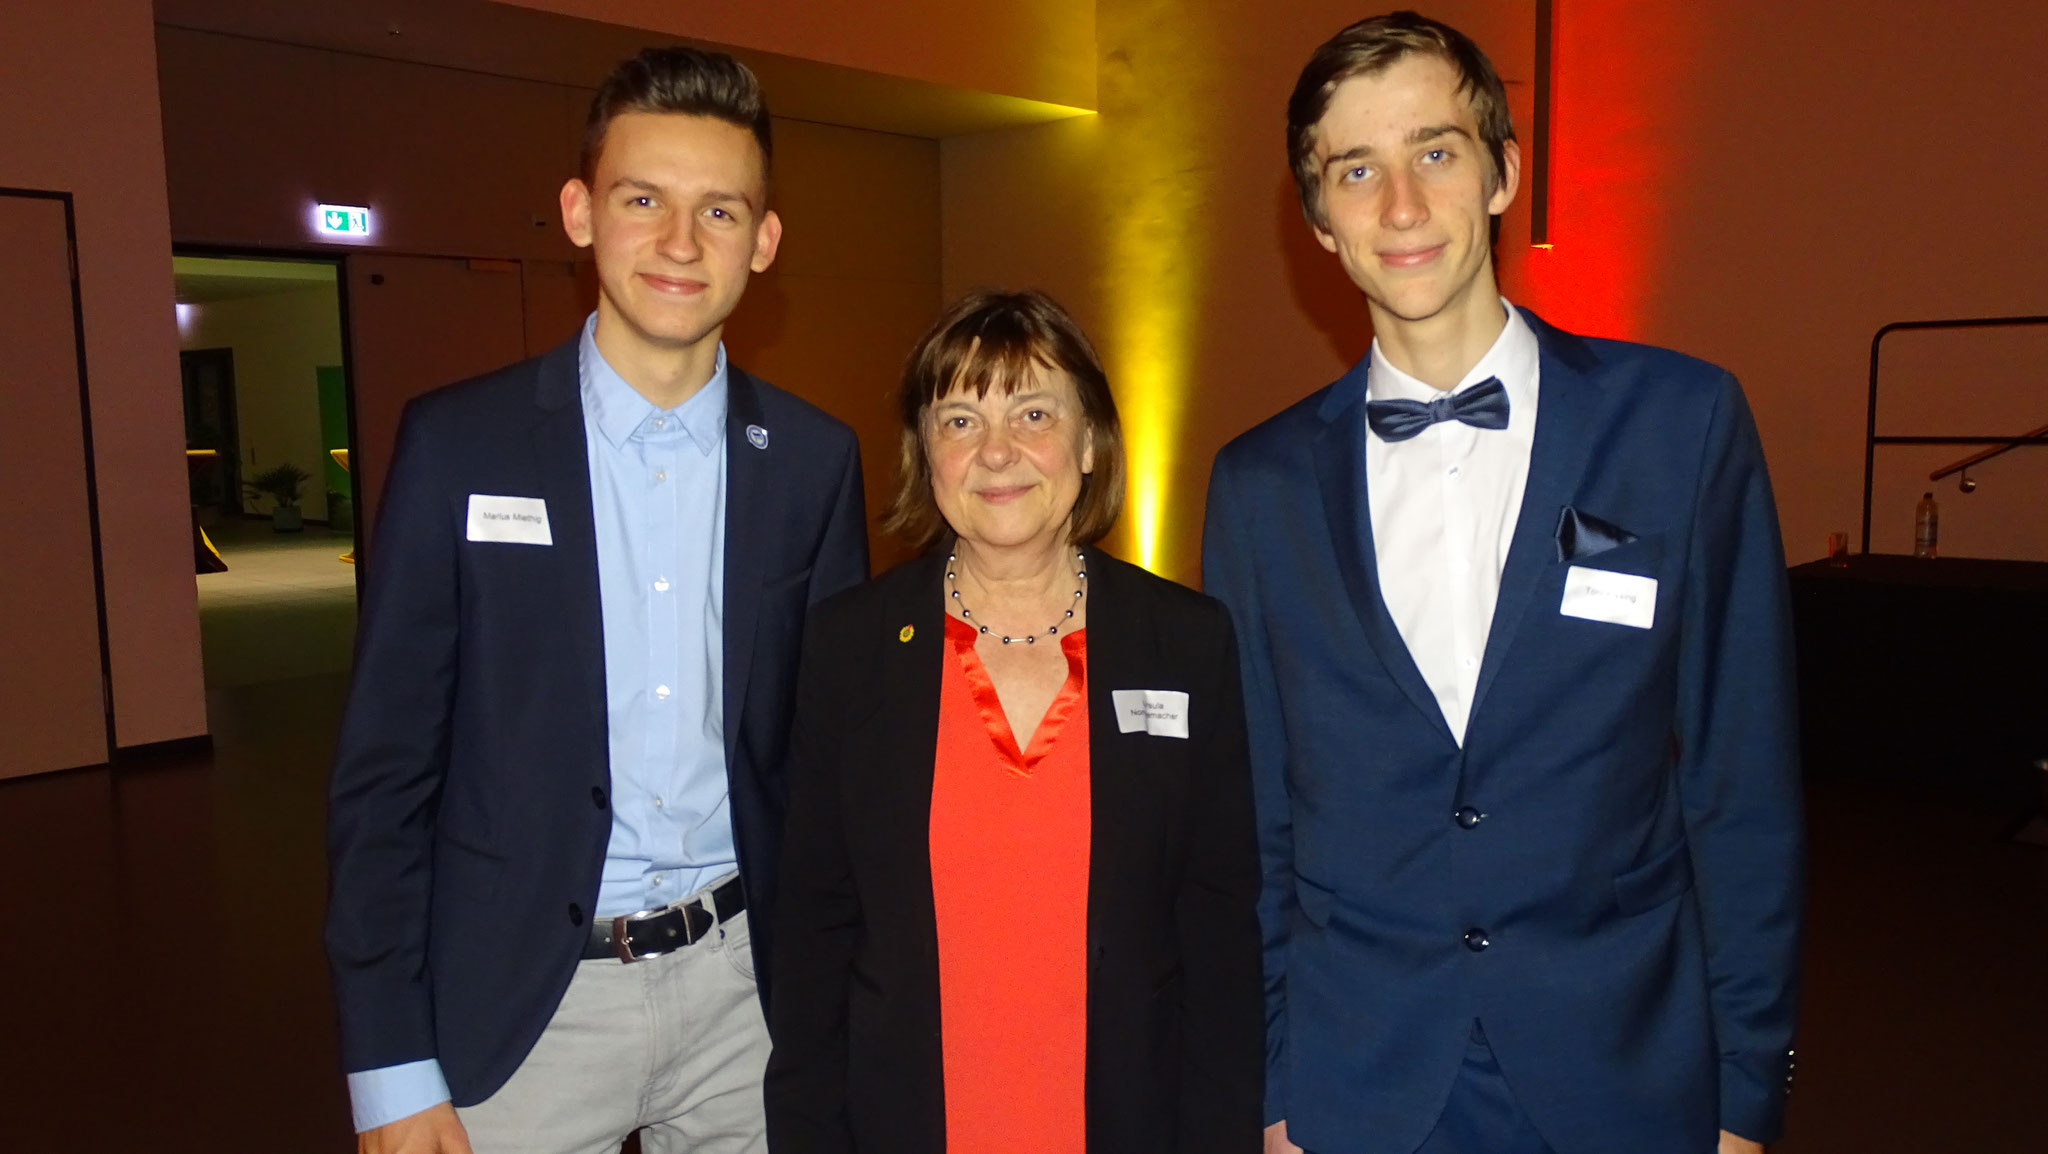 ... und trafen Prominenz aus Falkensee! Hier Ursula Nonnemacher (Ministerin für Soziales, Gesundheit, Integration und Verbraucherschutz des Landes Brandenburg).